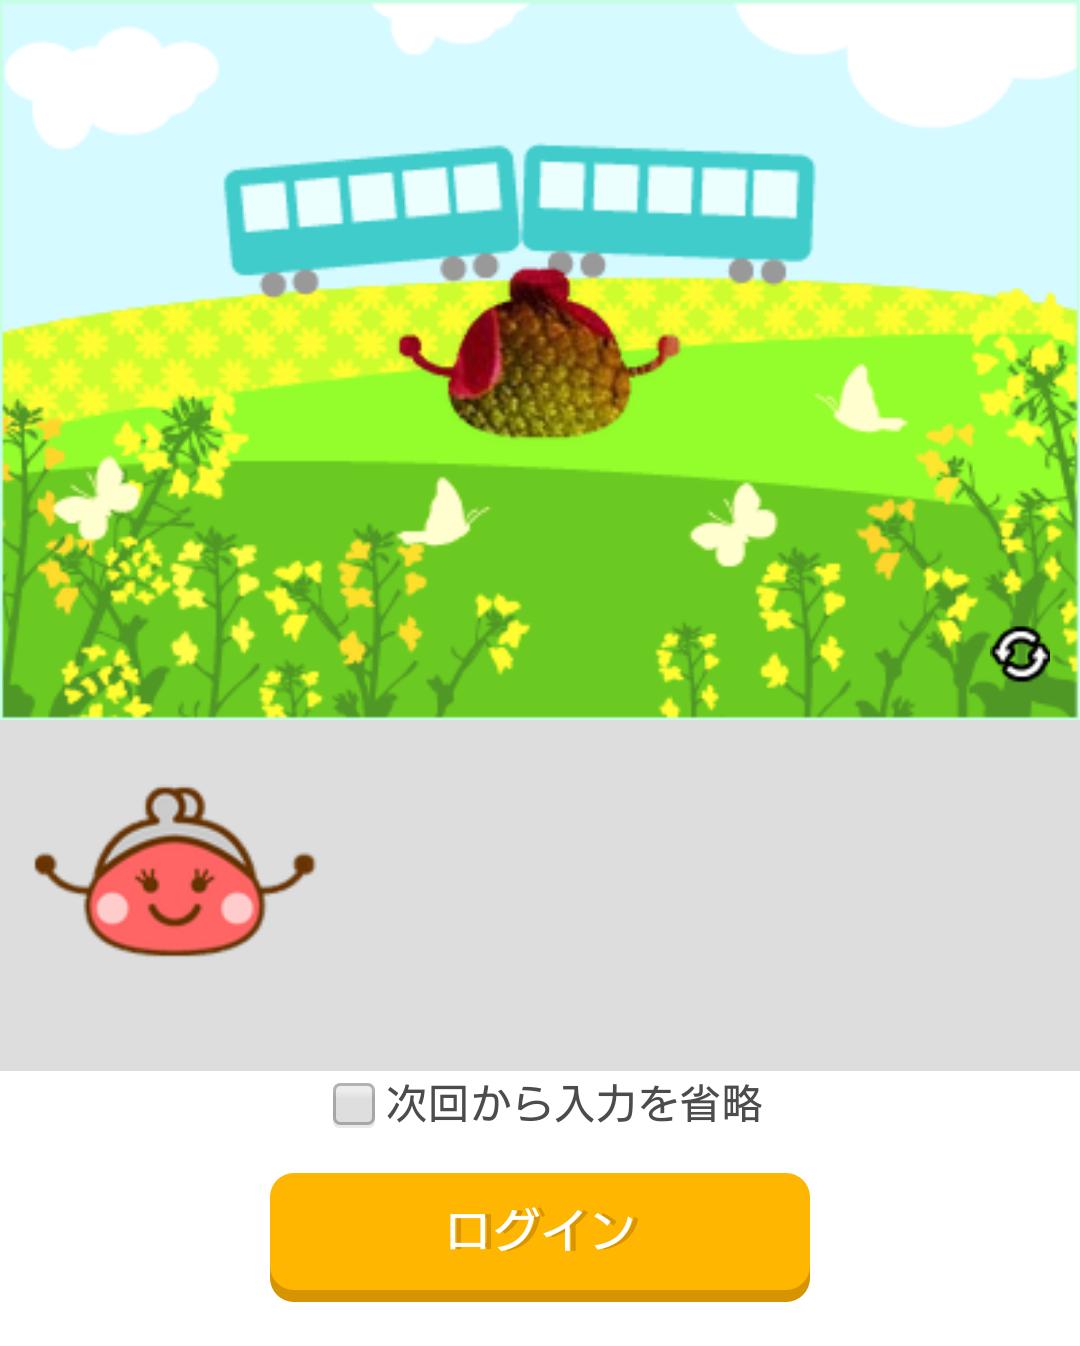 ちょびリッチ/ログイン